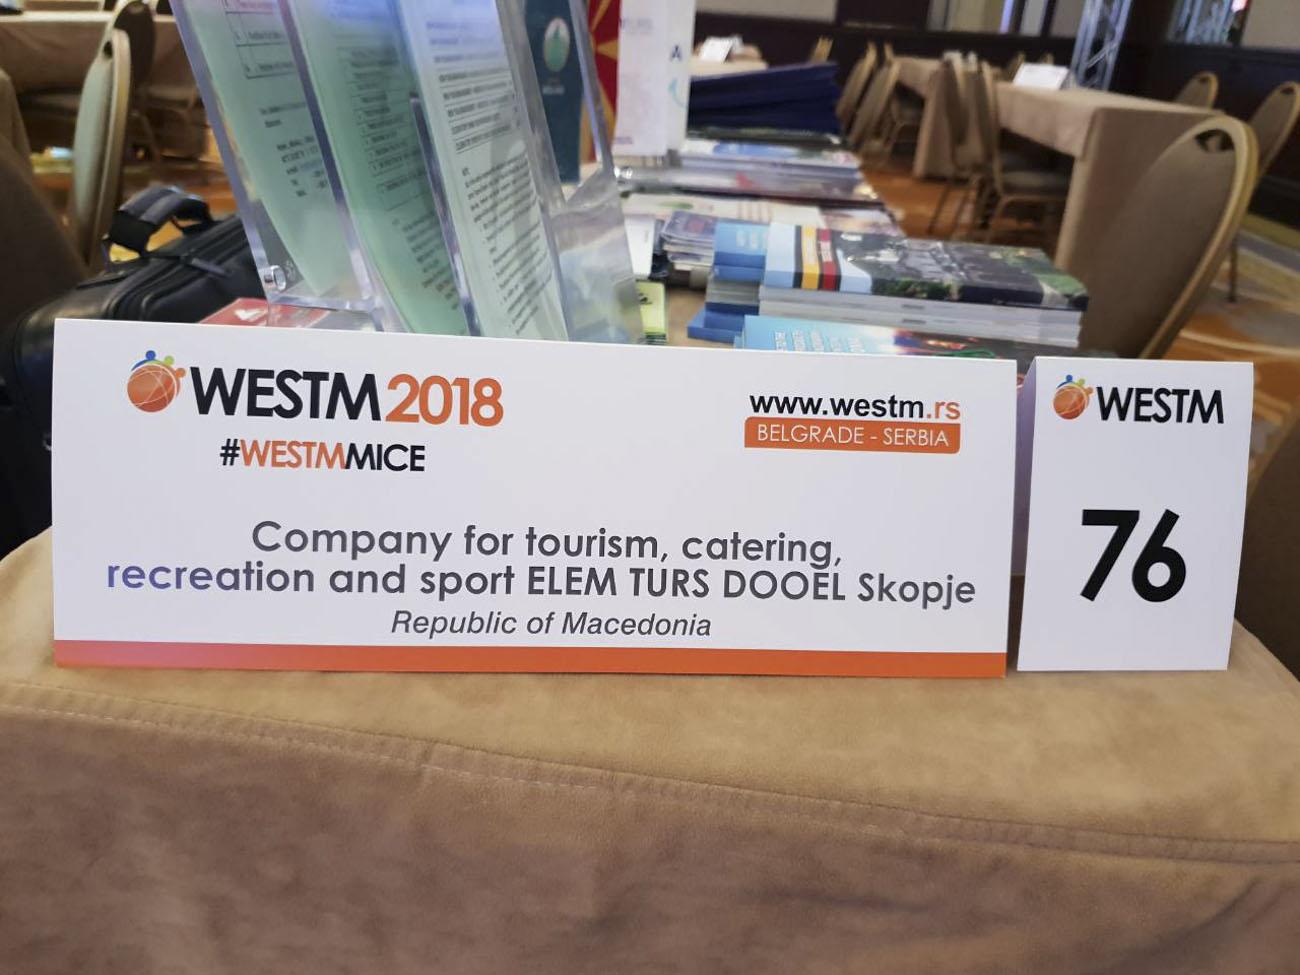 ЕЛЕМ ТУРС ДООЕЛ Скопје со свој настап на специјализираниот меѓународен саем за туризам WESTM 2019- Белград , Република Србија 24-25 Октомври 2018 година